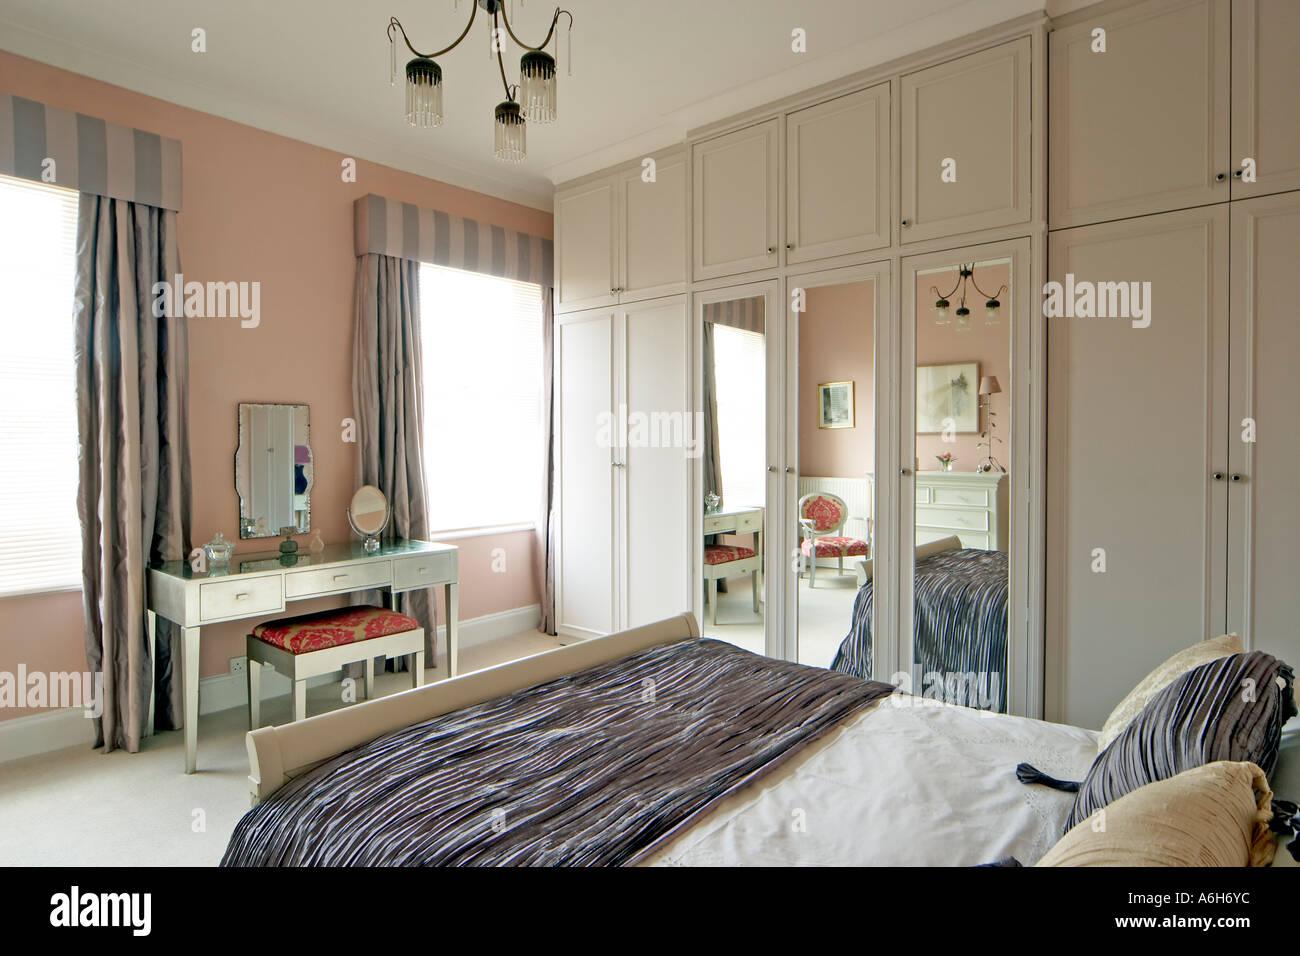 Mirror Cupboards Bedroom Mirror Cupboards Bedroom Stock Photos Mirror Cupboards Bedroom